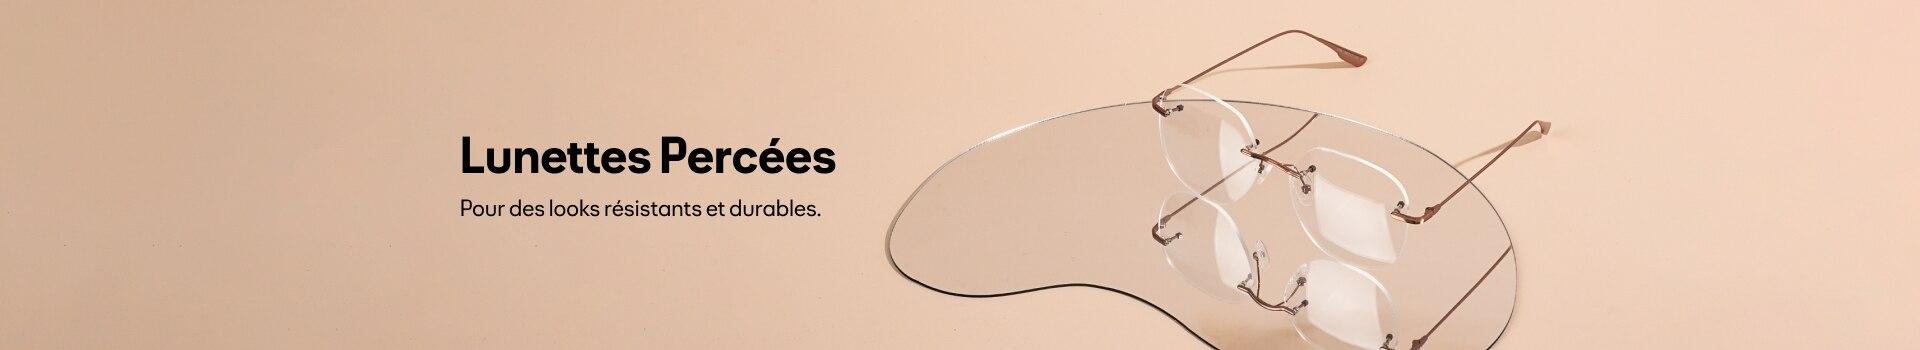 Lunettes de vue percées